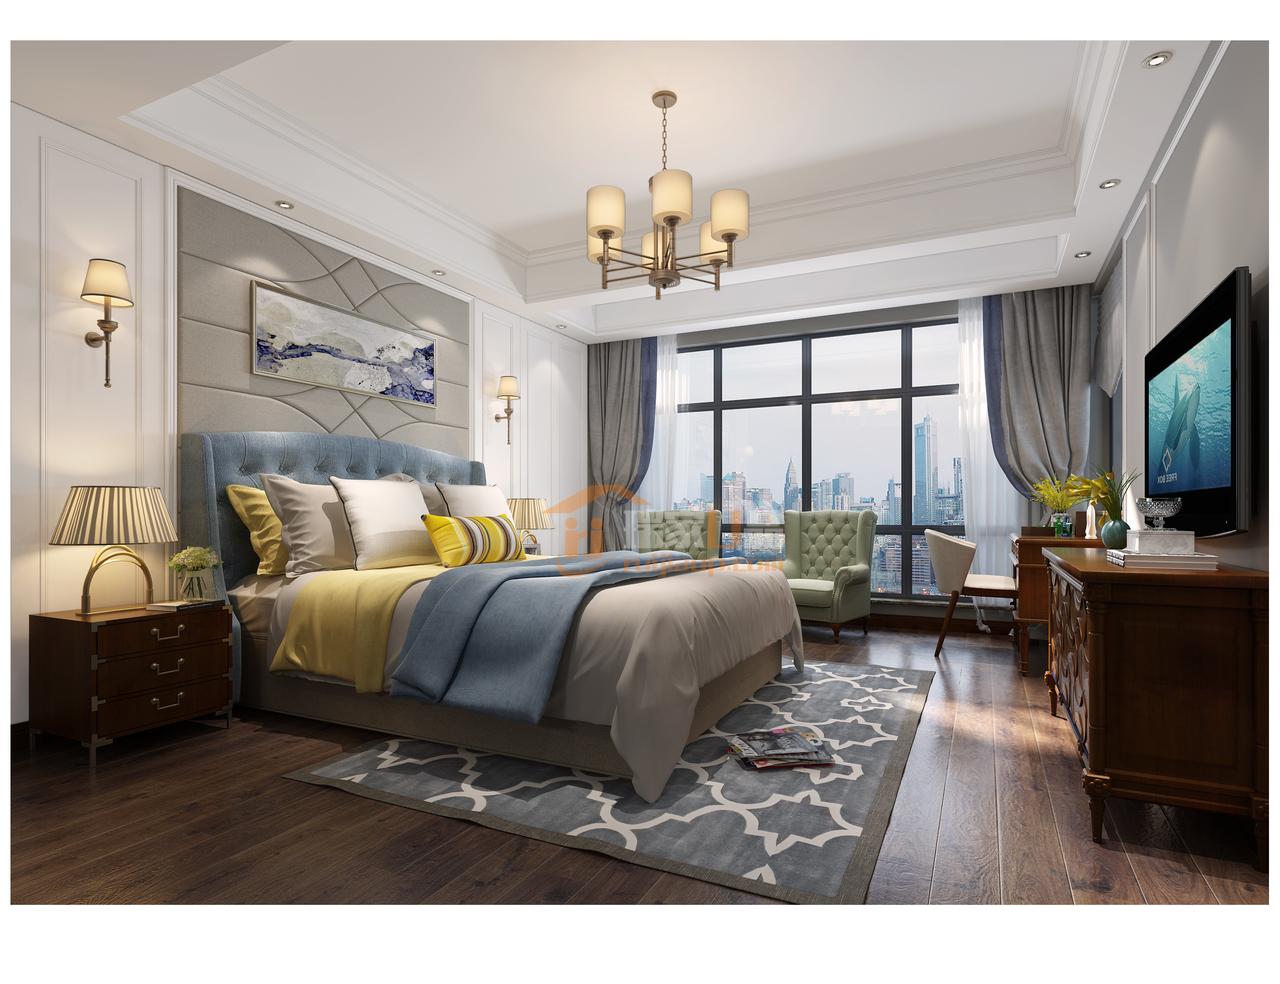 贵阳美的林城时代现代美式风格卧室装修设计效果图!